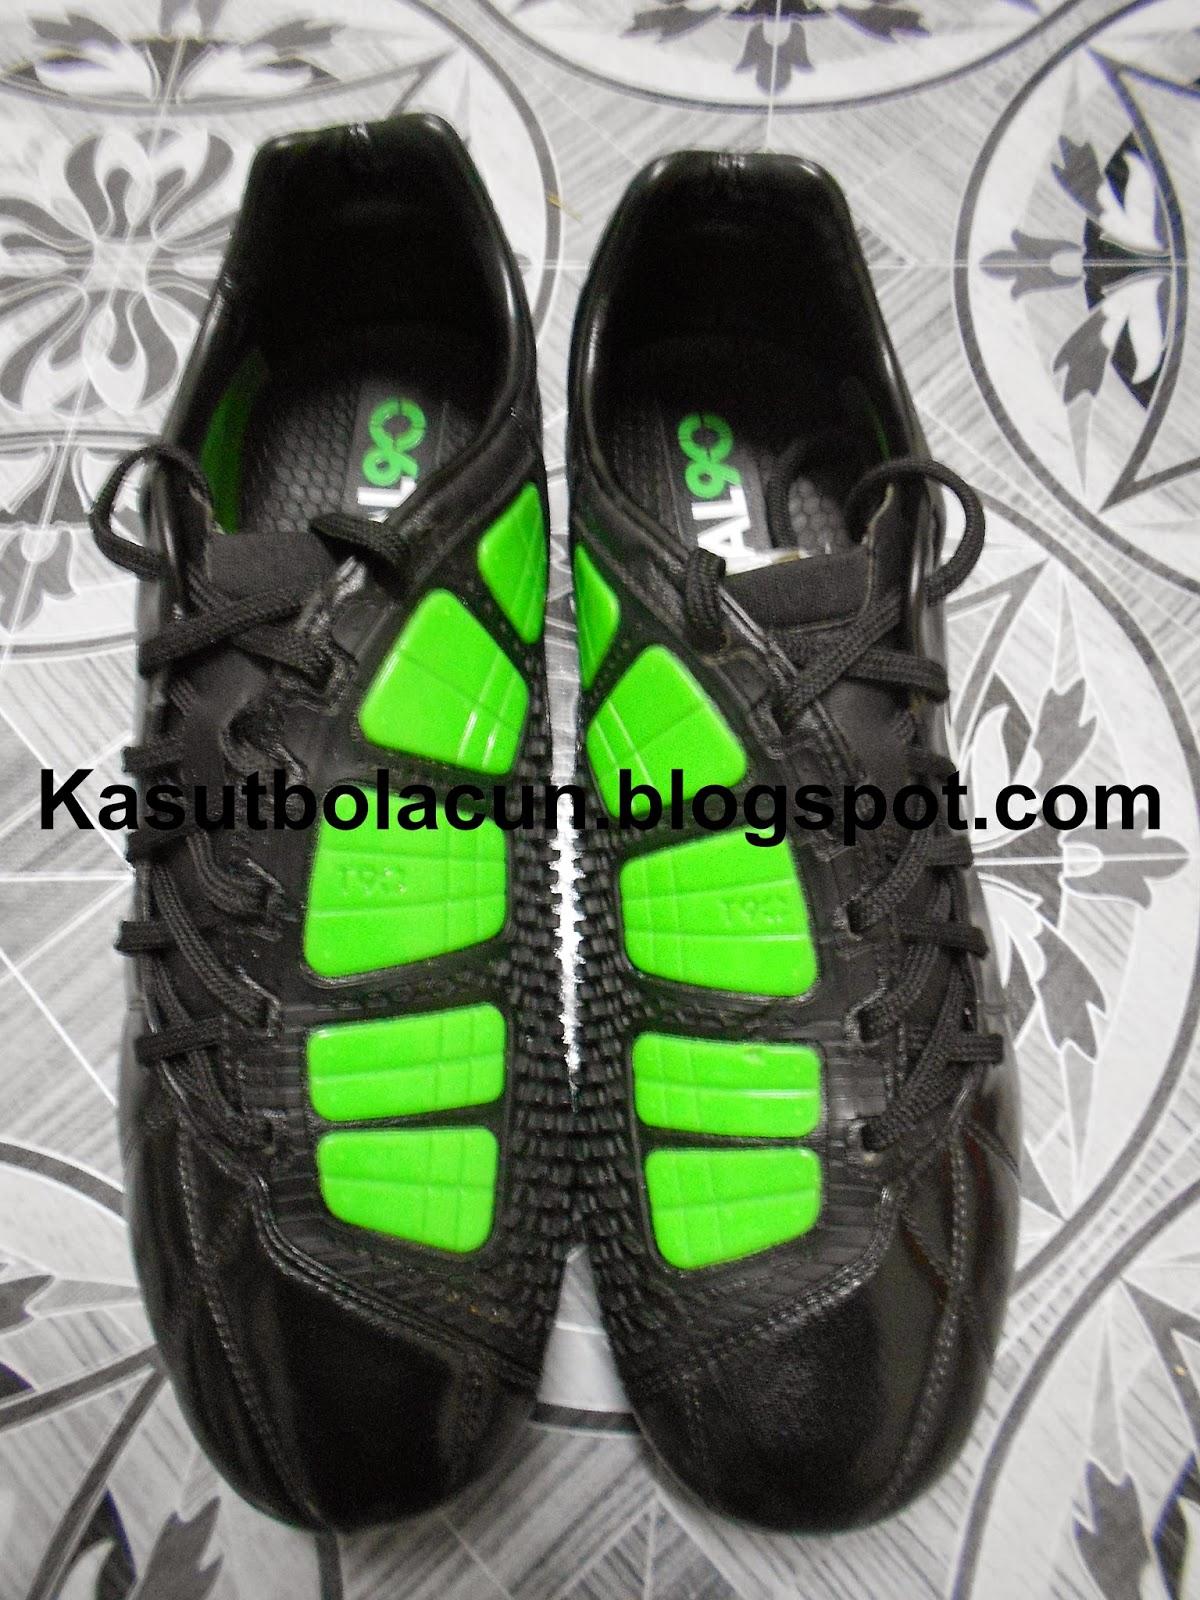 Nike Total 90 Laser 3 FG ELITE SERIES CARBON FIBER SOLEPLATE